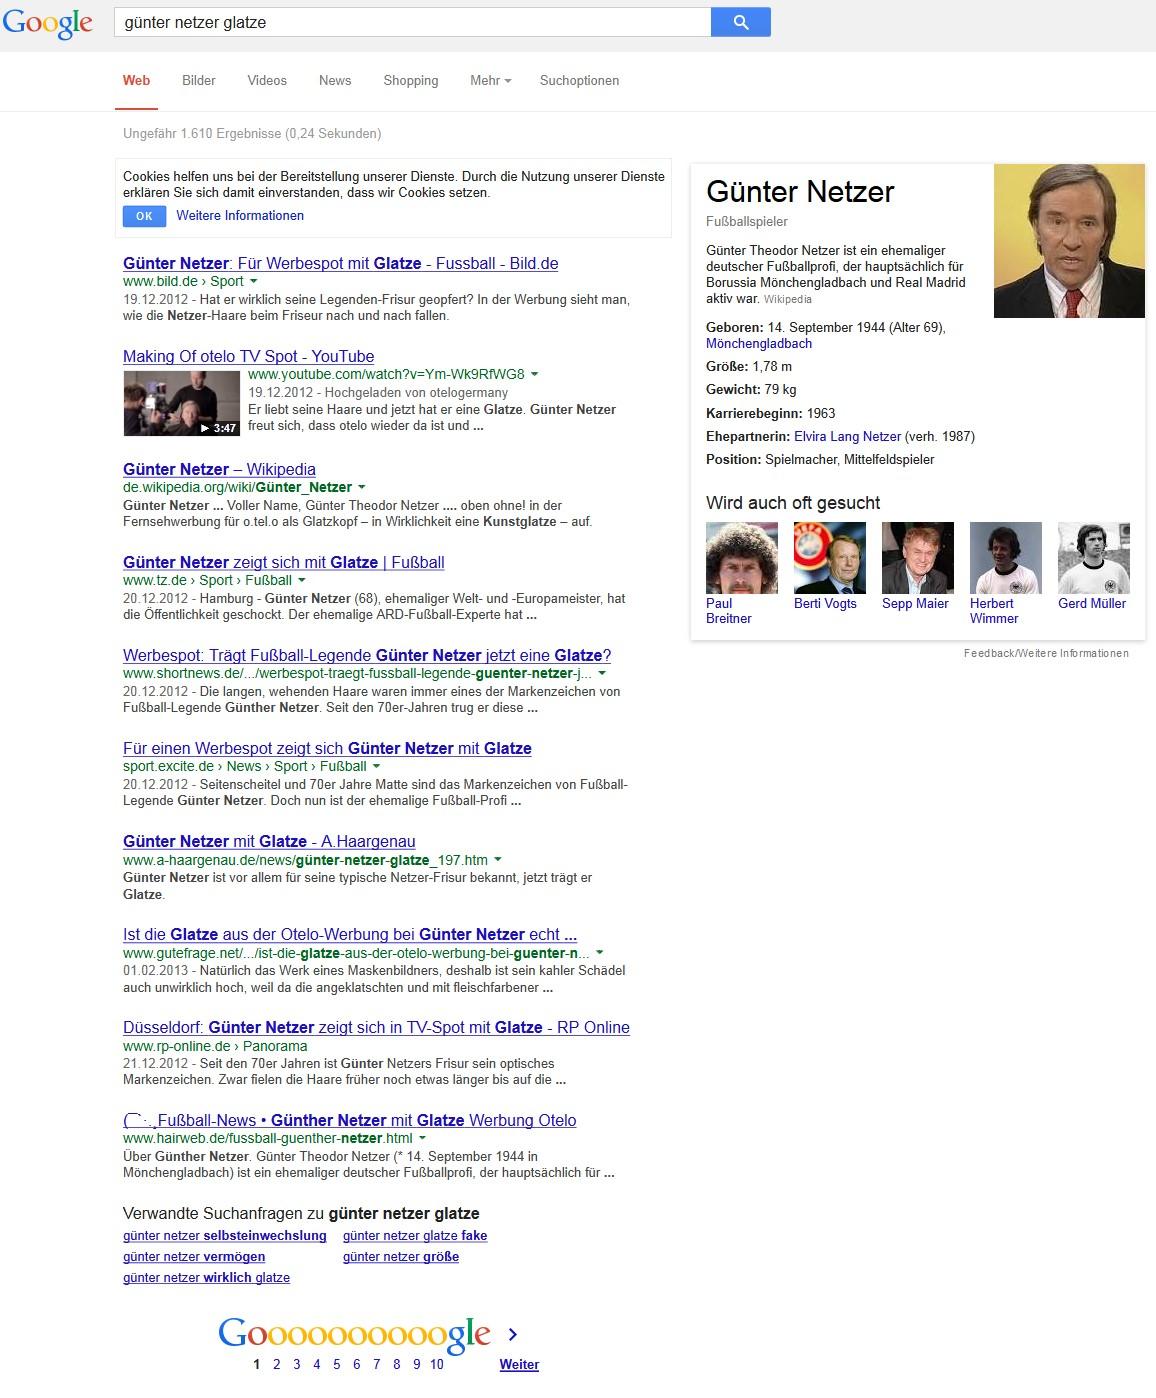 Google Suche Günter Netzer Glatze